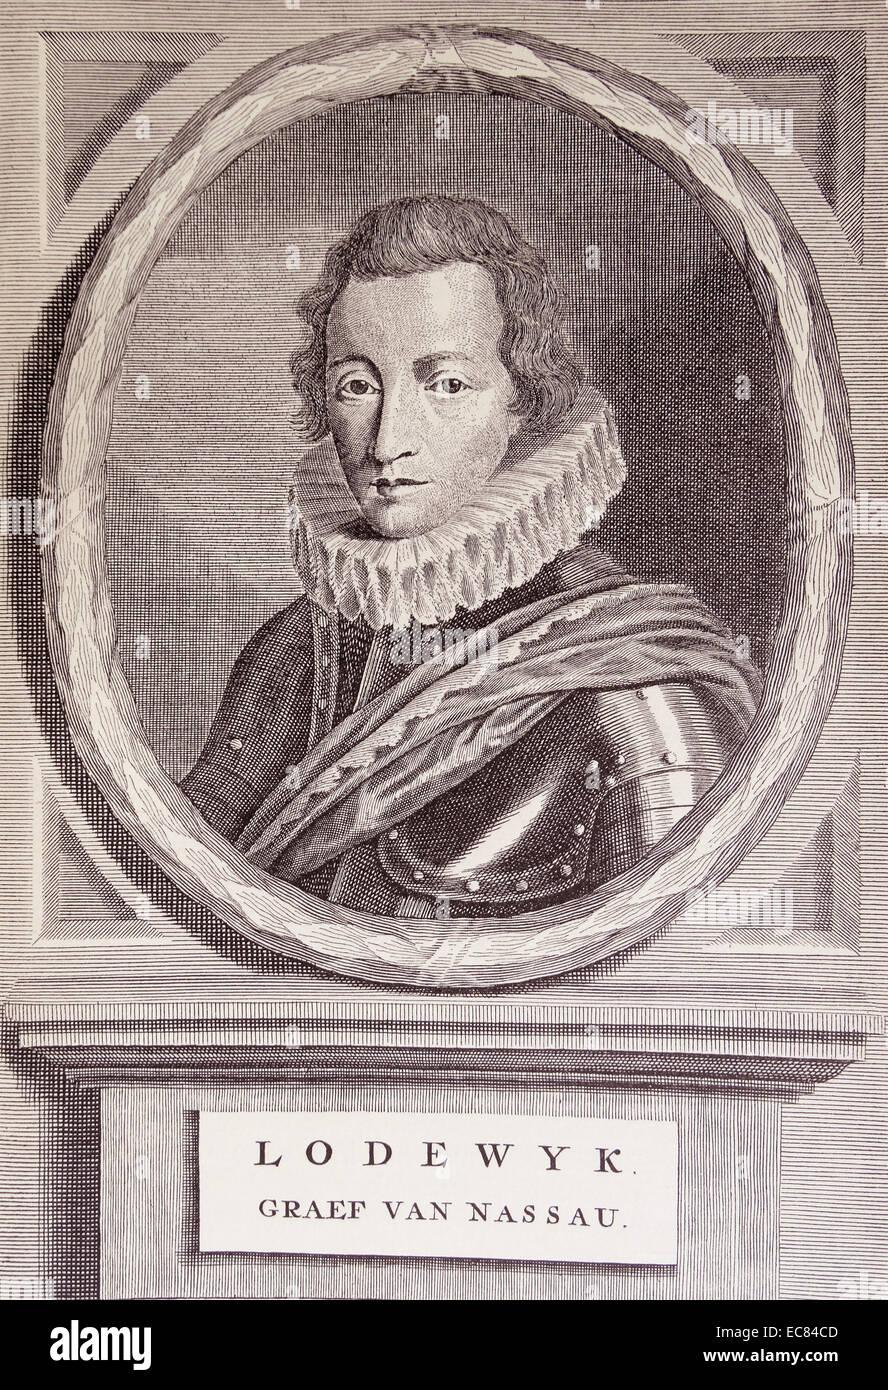 Wilhelm Ludwig von Nassau-Saarbrucken (1590 - 1640) Count of Saarbrucken. - Stock Image